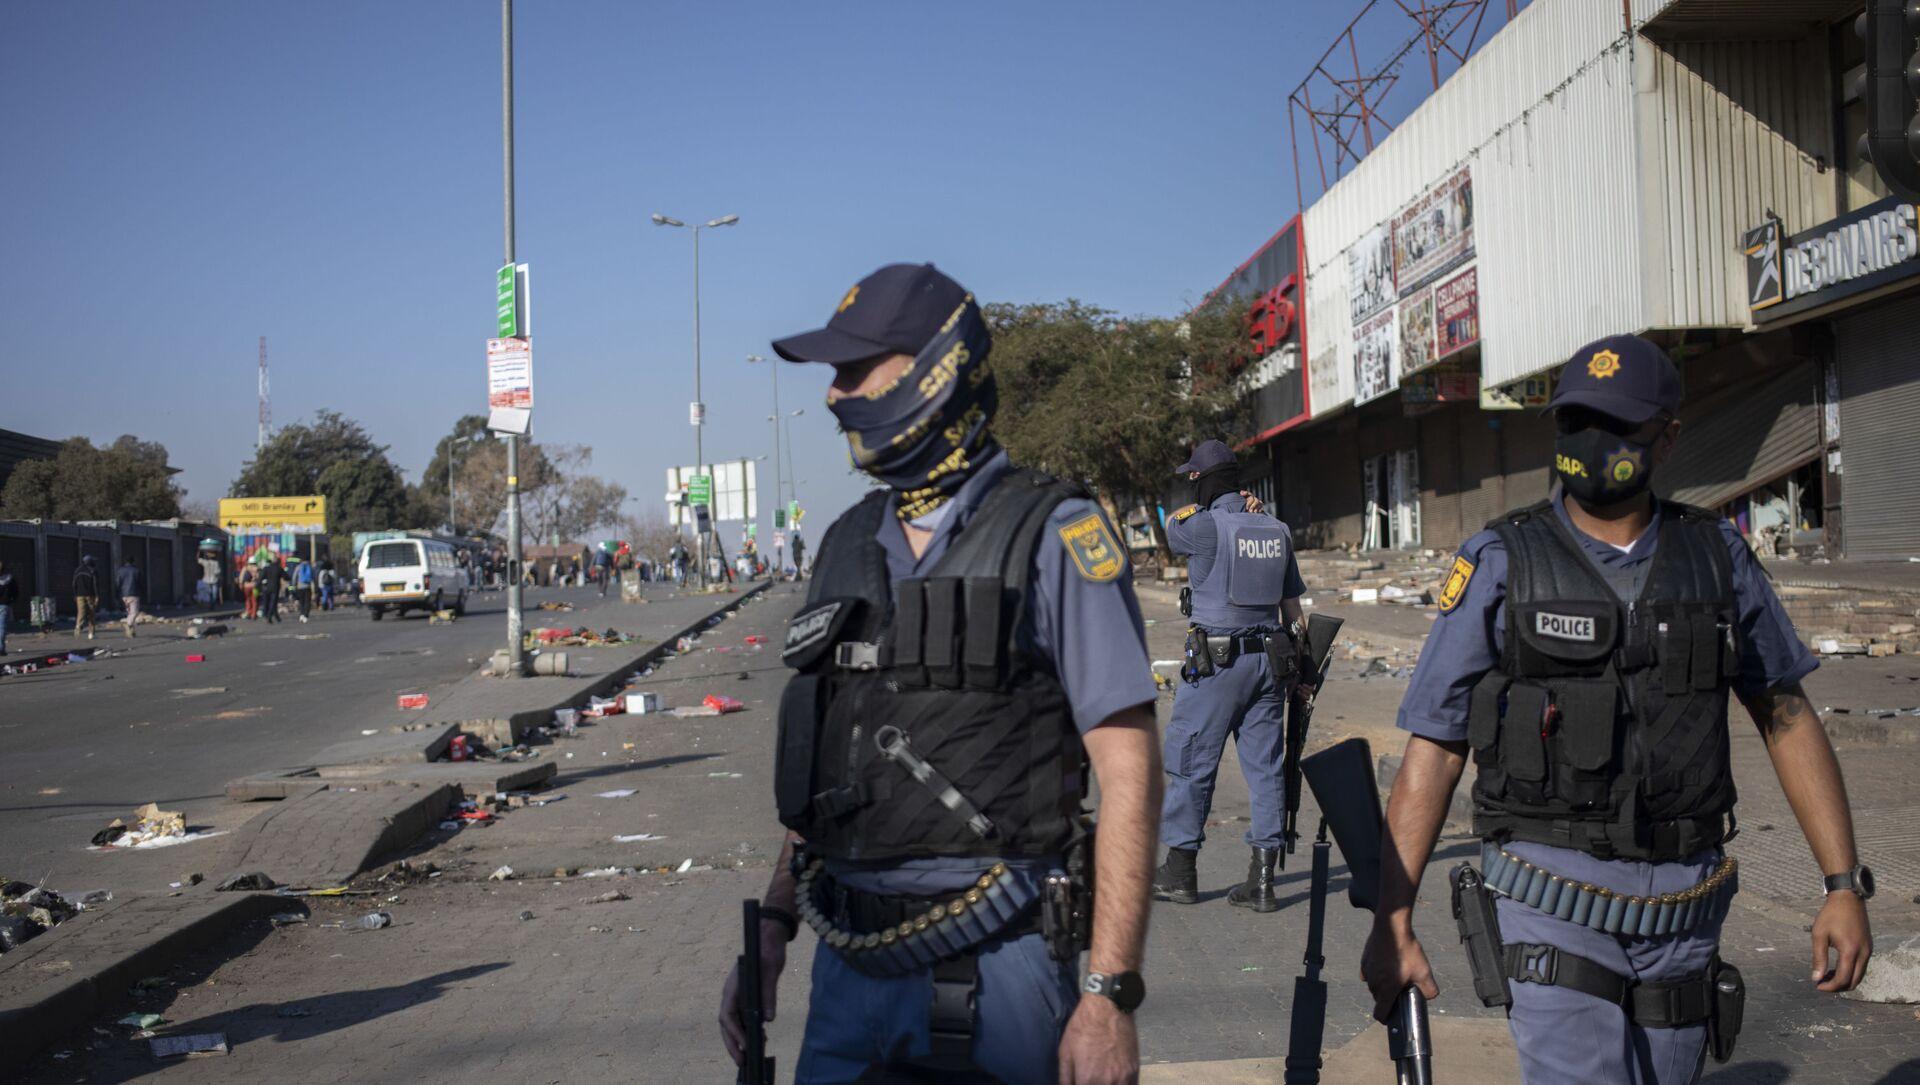 Güney Afrika'daki protestolarda 6 kişi hayatını kaybetti - Sputnik Türkiye, 1920, 12.07.2021